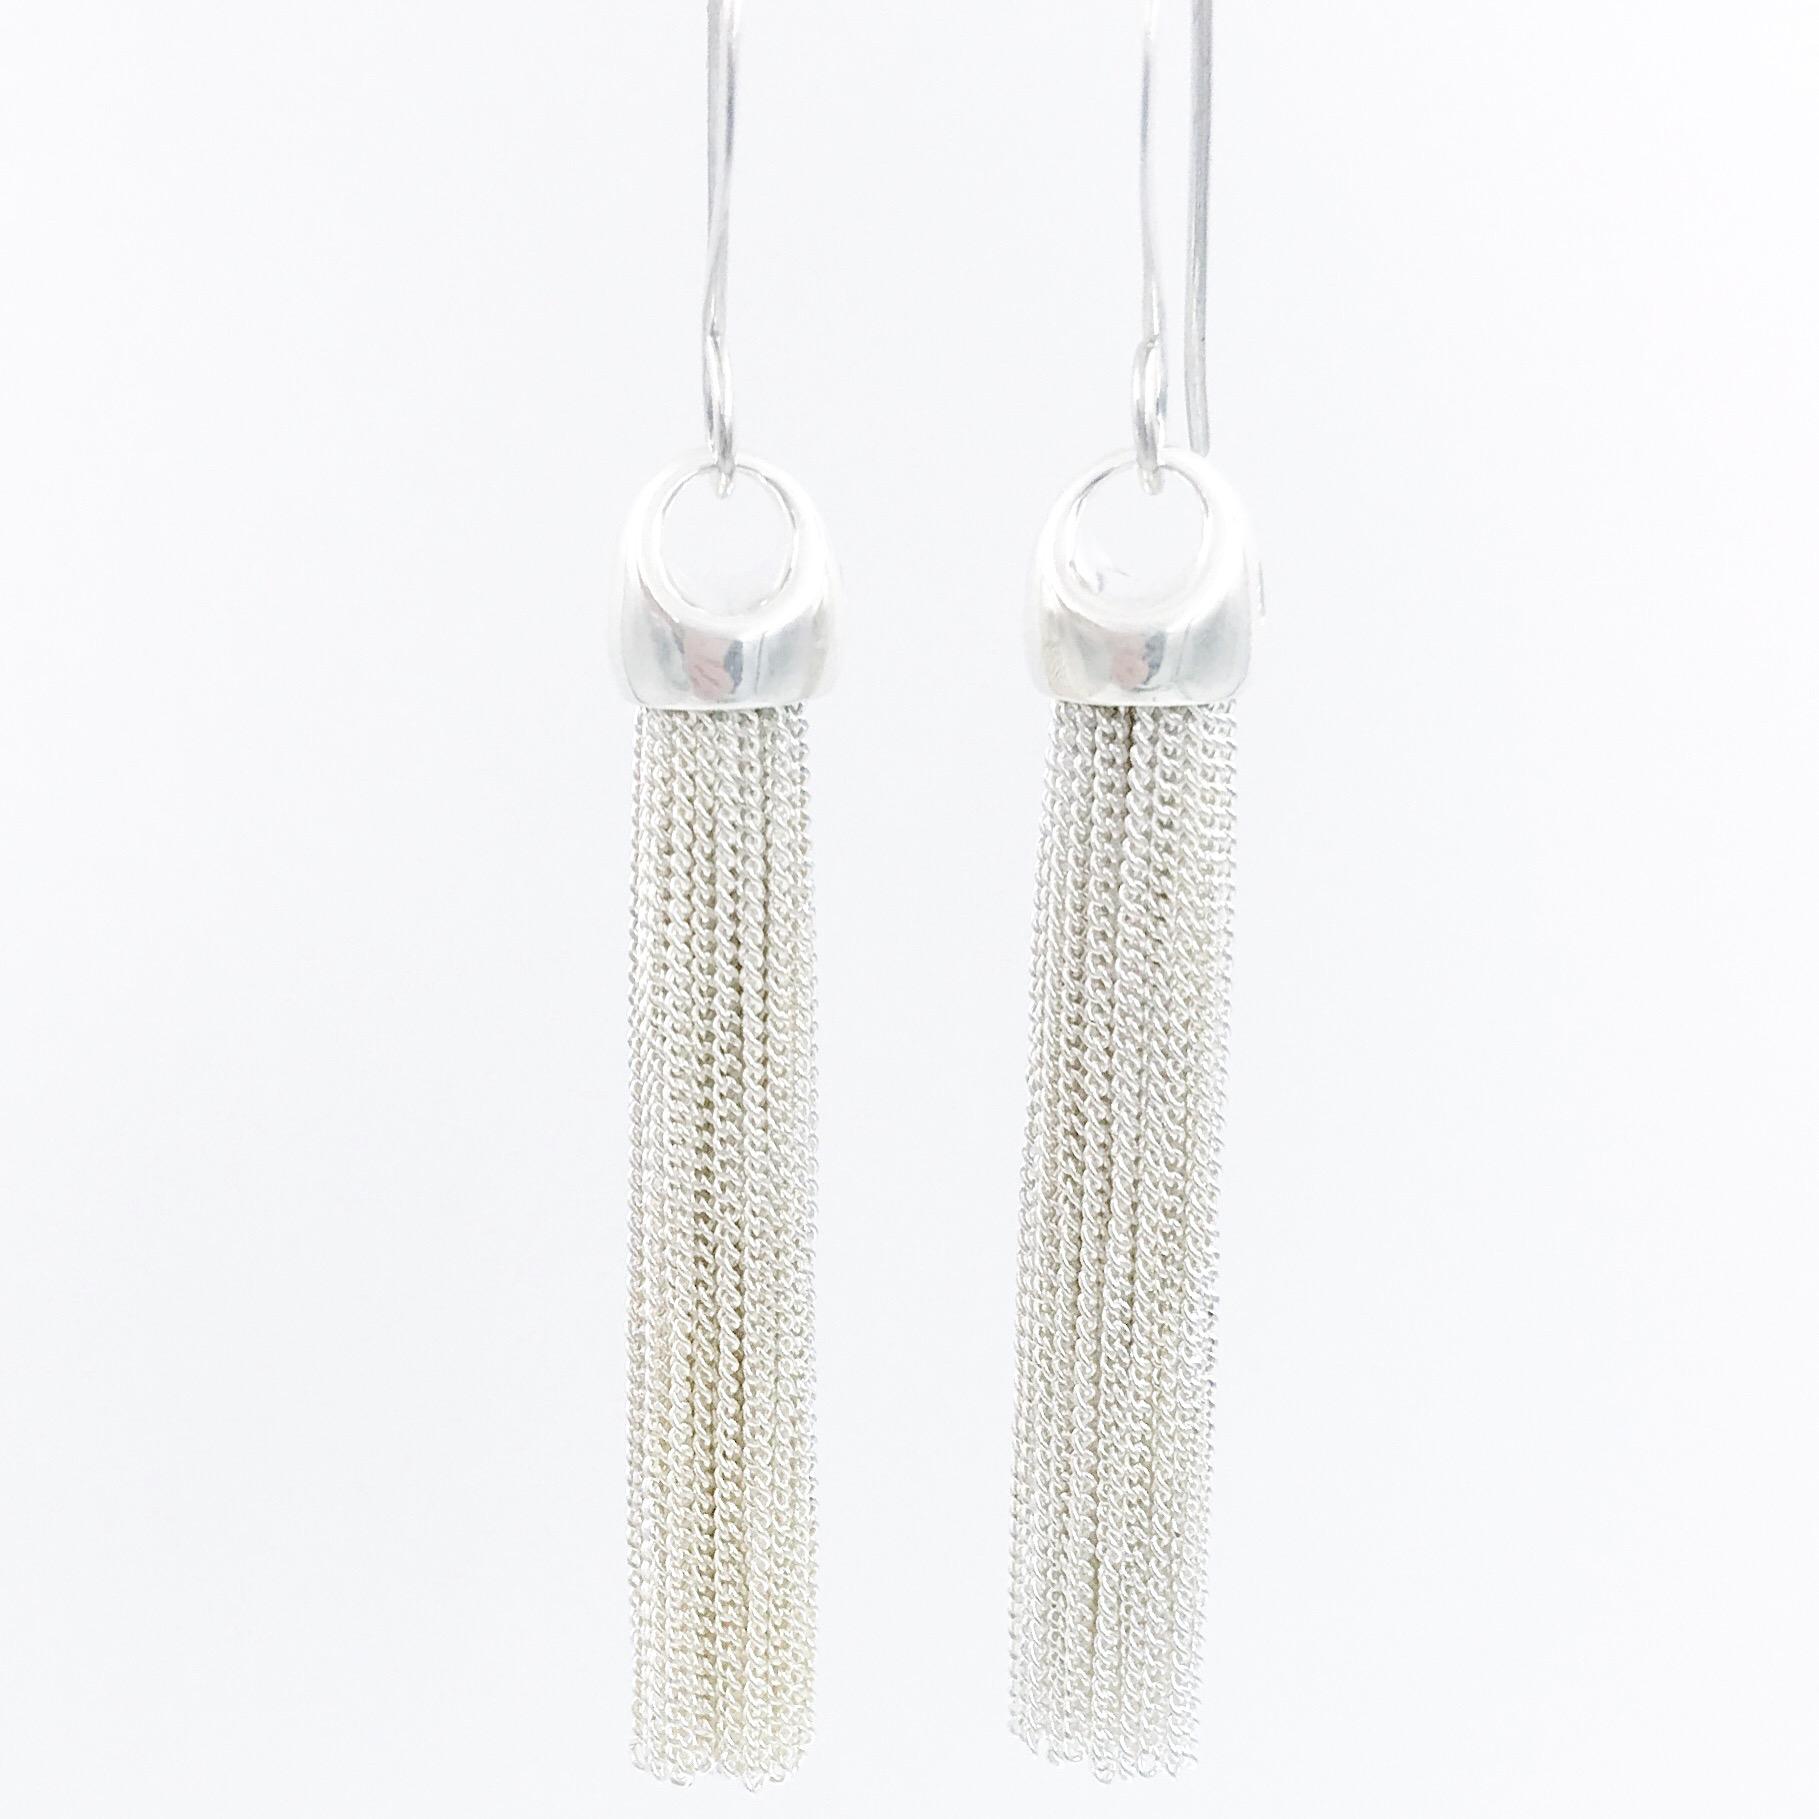 7a177d8f79b3e1 Sterling Silver Tassel Earrings | Oie Jewelry | Style that ...